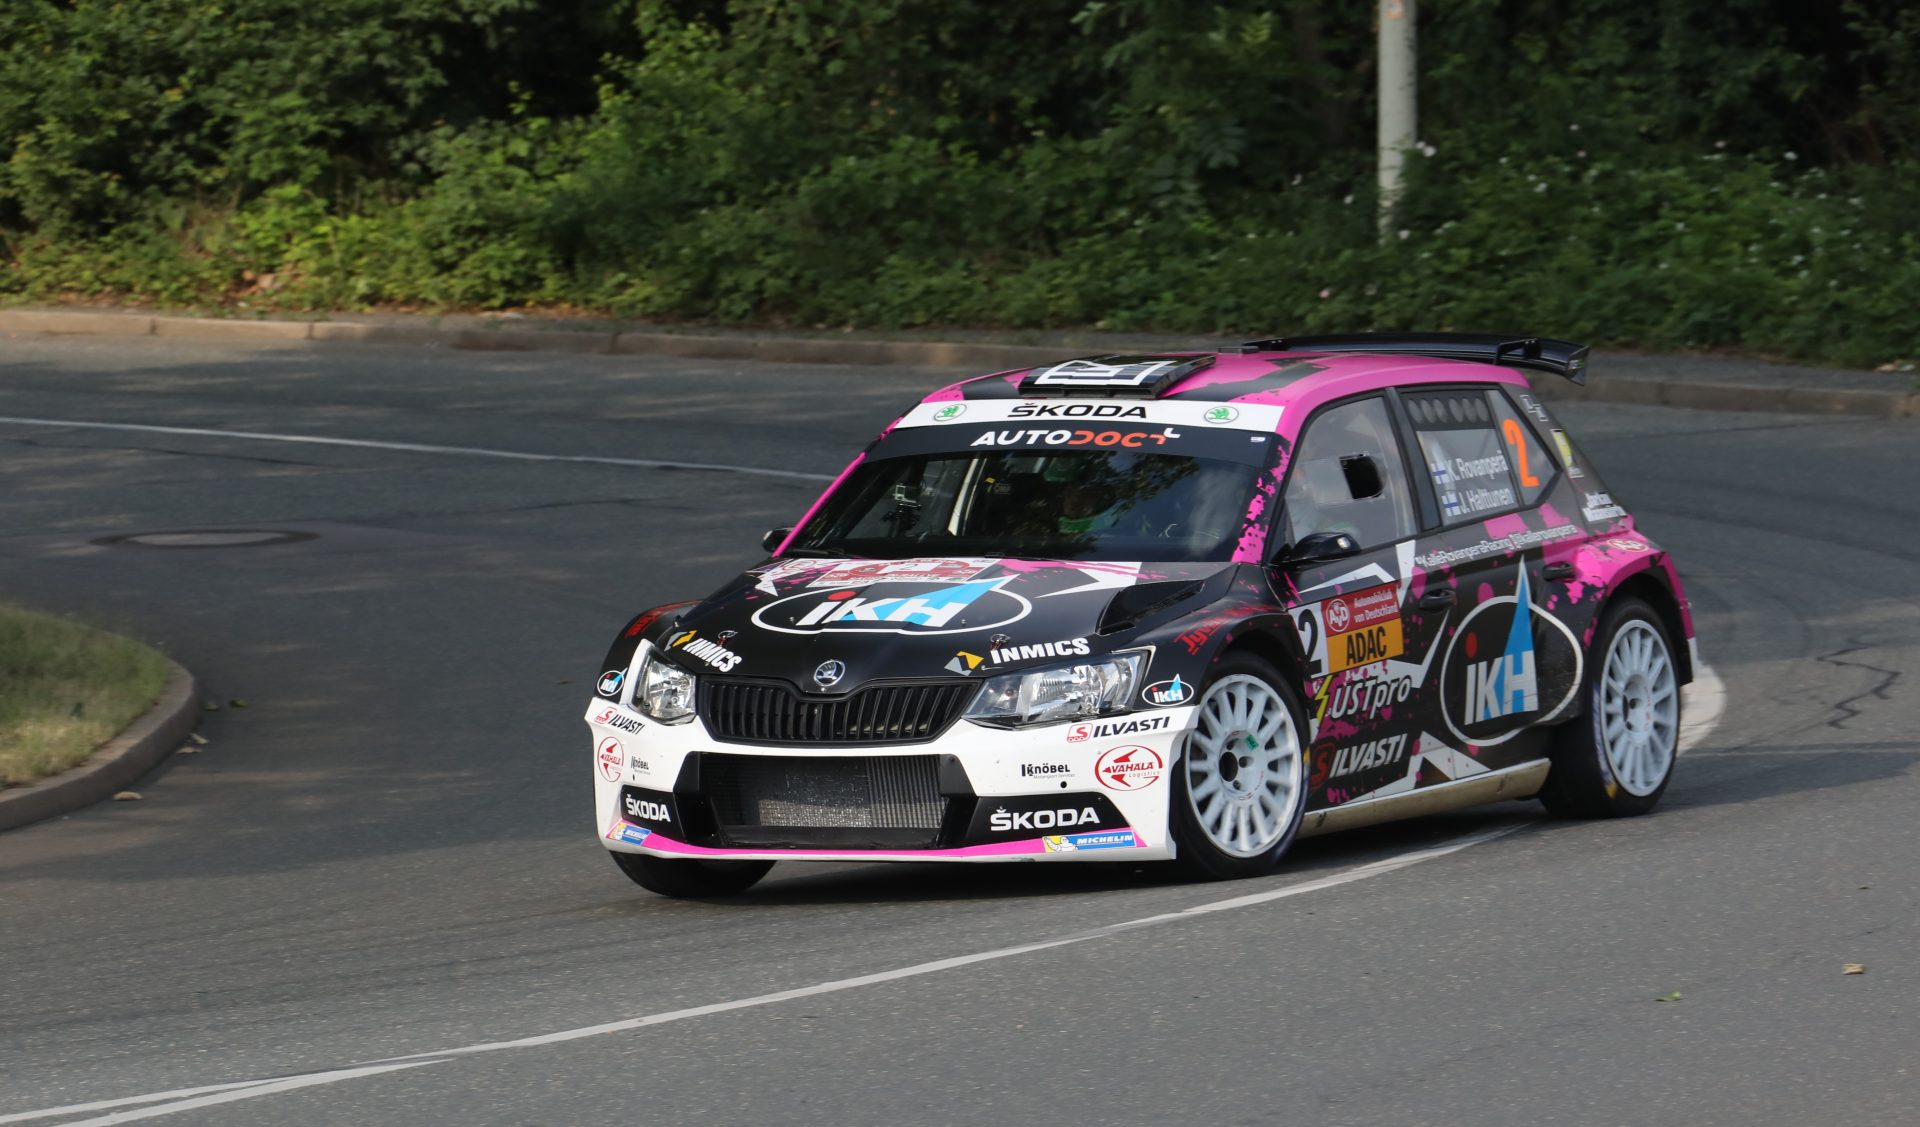 Kalle Rovanperä dominoval Sachsen Rally, 5 ze 6 předních pozic získaly vozy FABIA R5